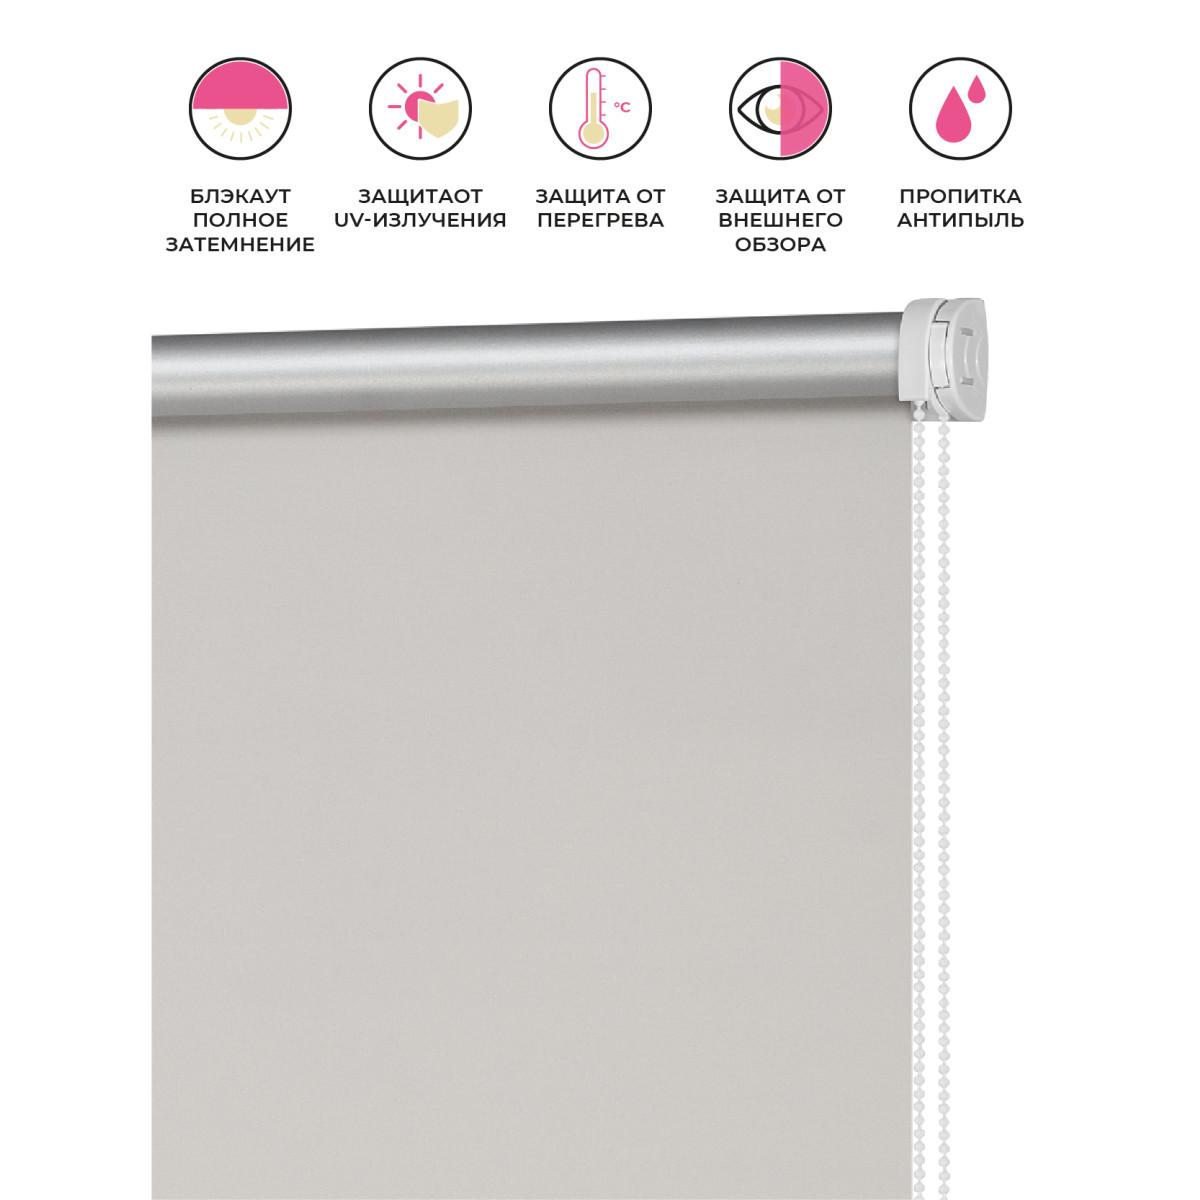 Рулонная Ора Decofest Блэкаут Плайн 90Х160 Цвет Серый